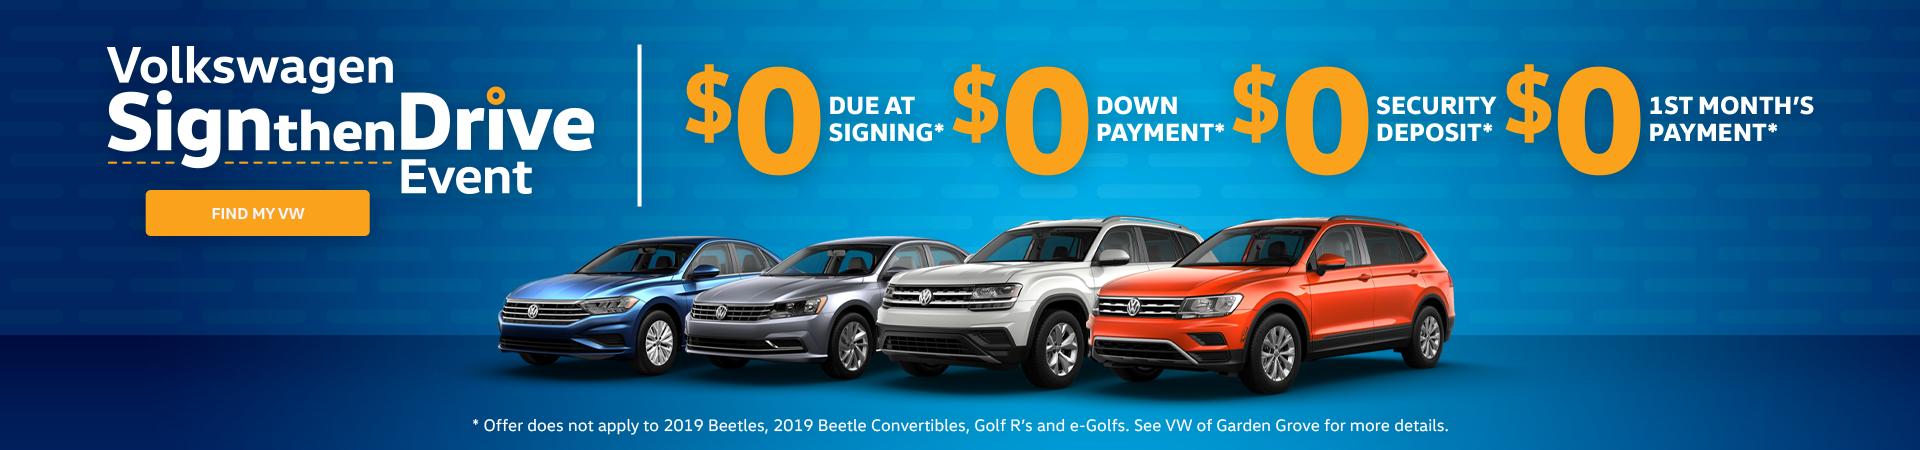 Volkswagen Sign then Drive Sale Event Garden Grove, CA